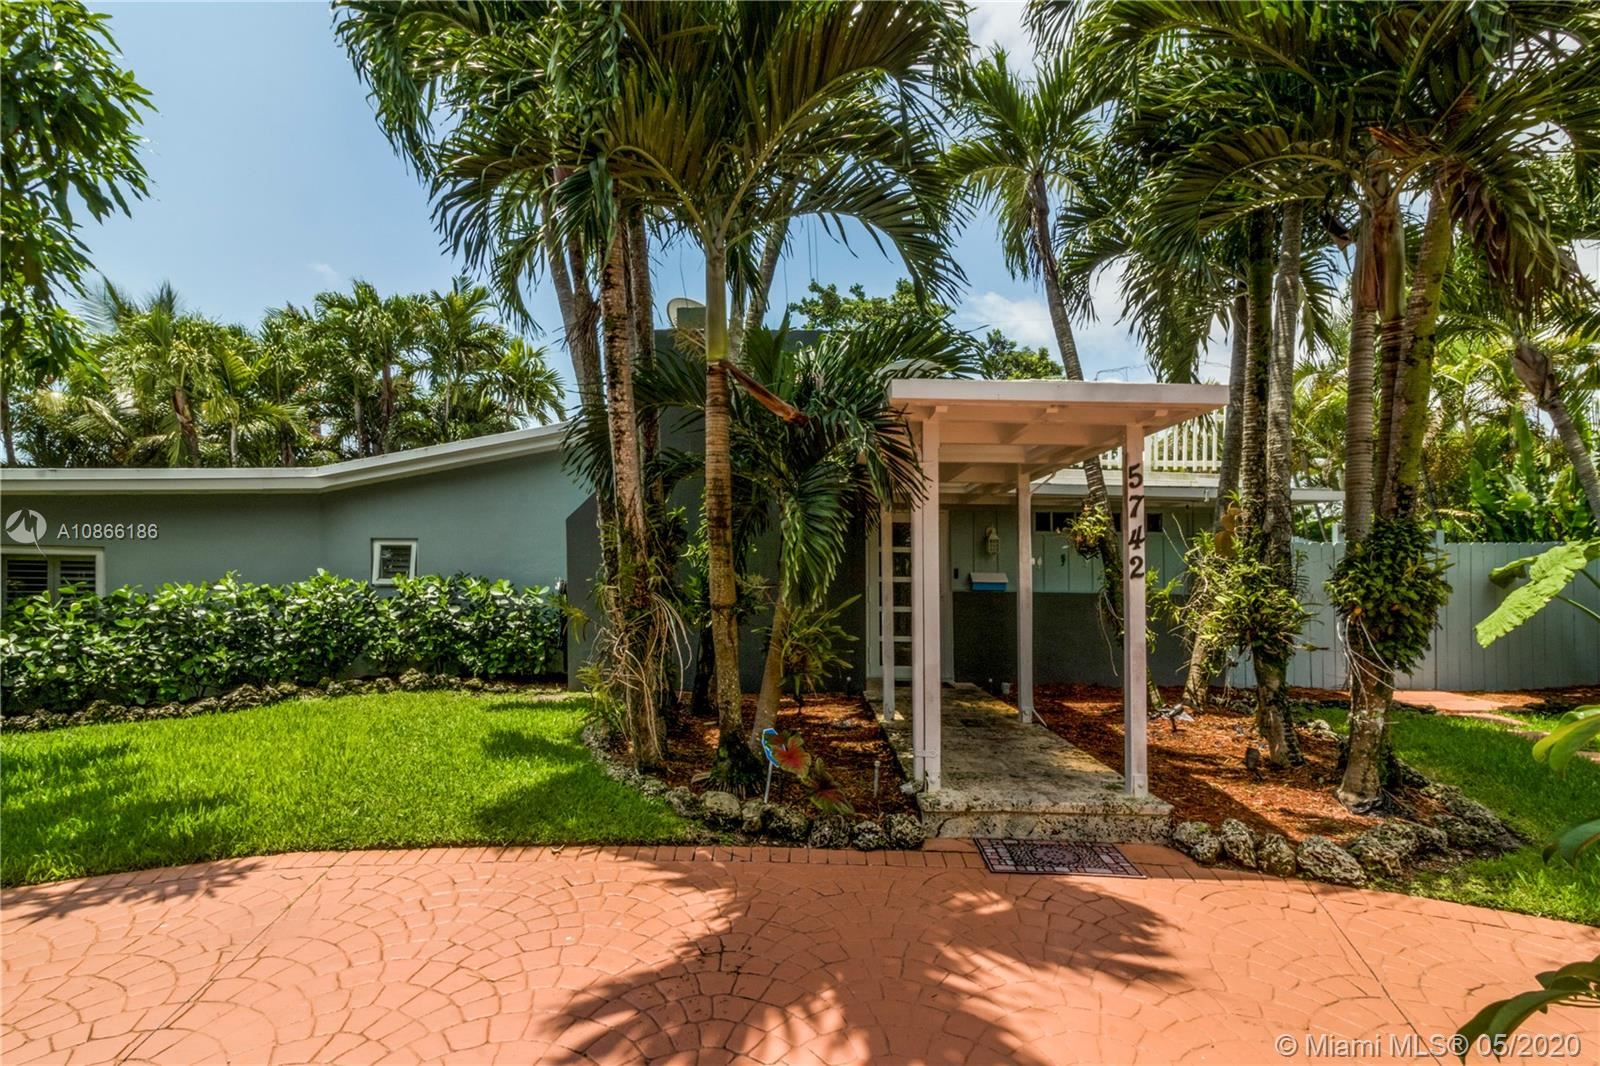 5742 SW 51st Ter, Miami, FL 33155 - #: A10866186